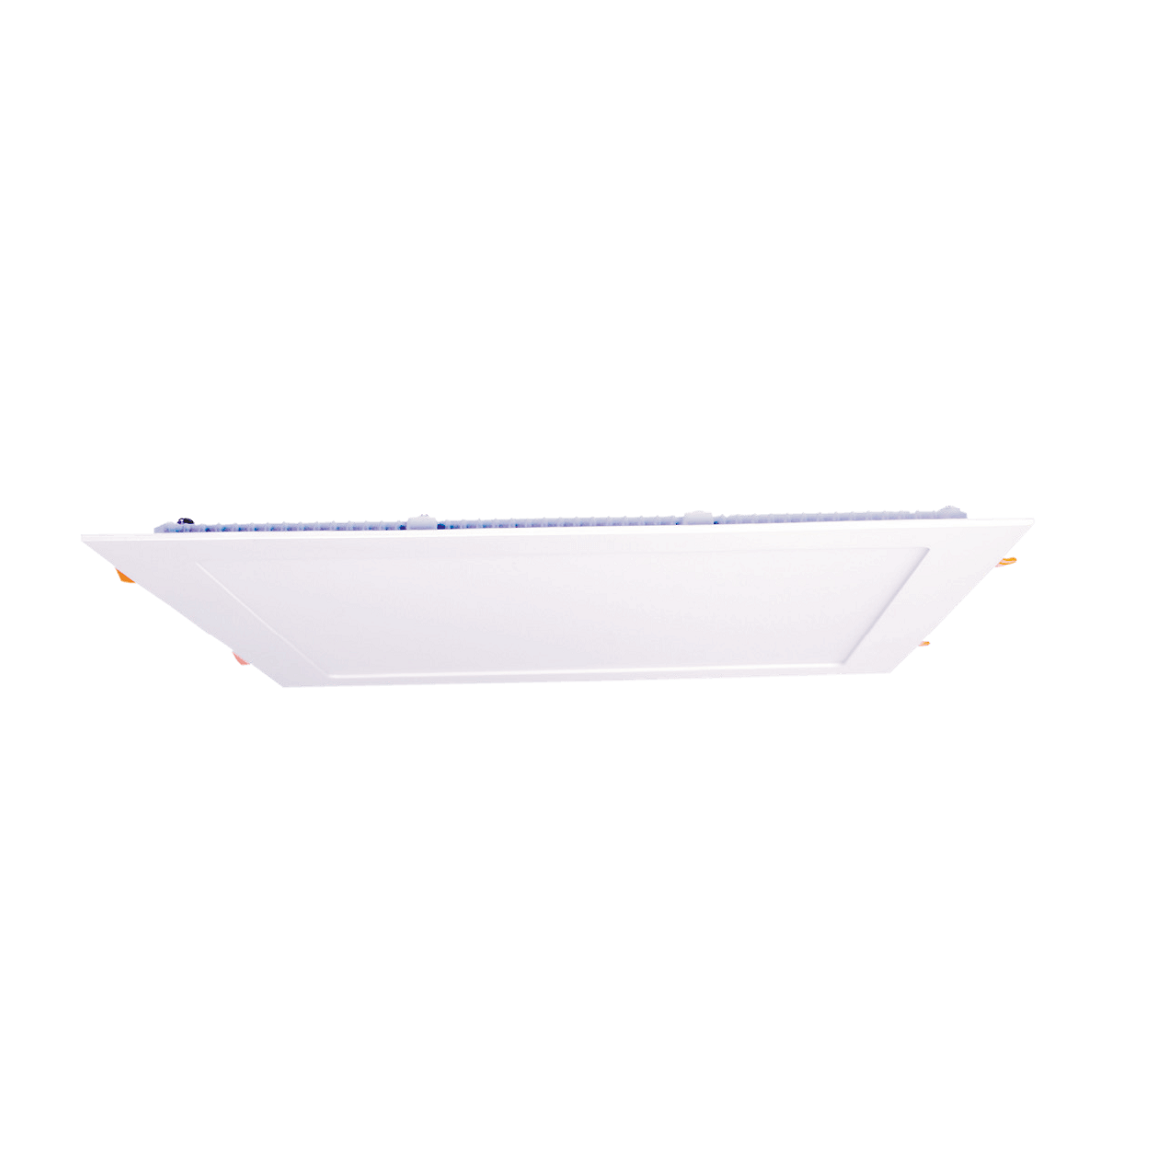 LW-SAAKP18 - 18 Watt Sıva Altı Kare LED Panel Armatür